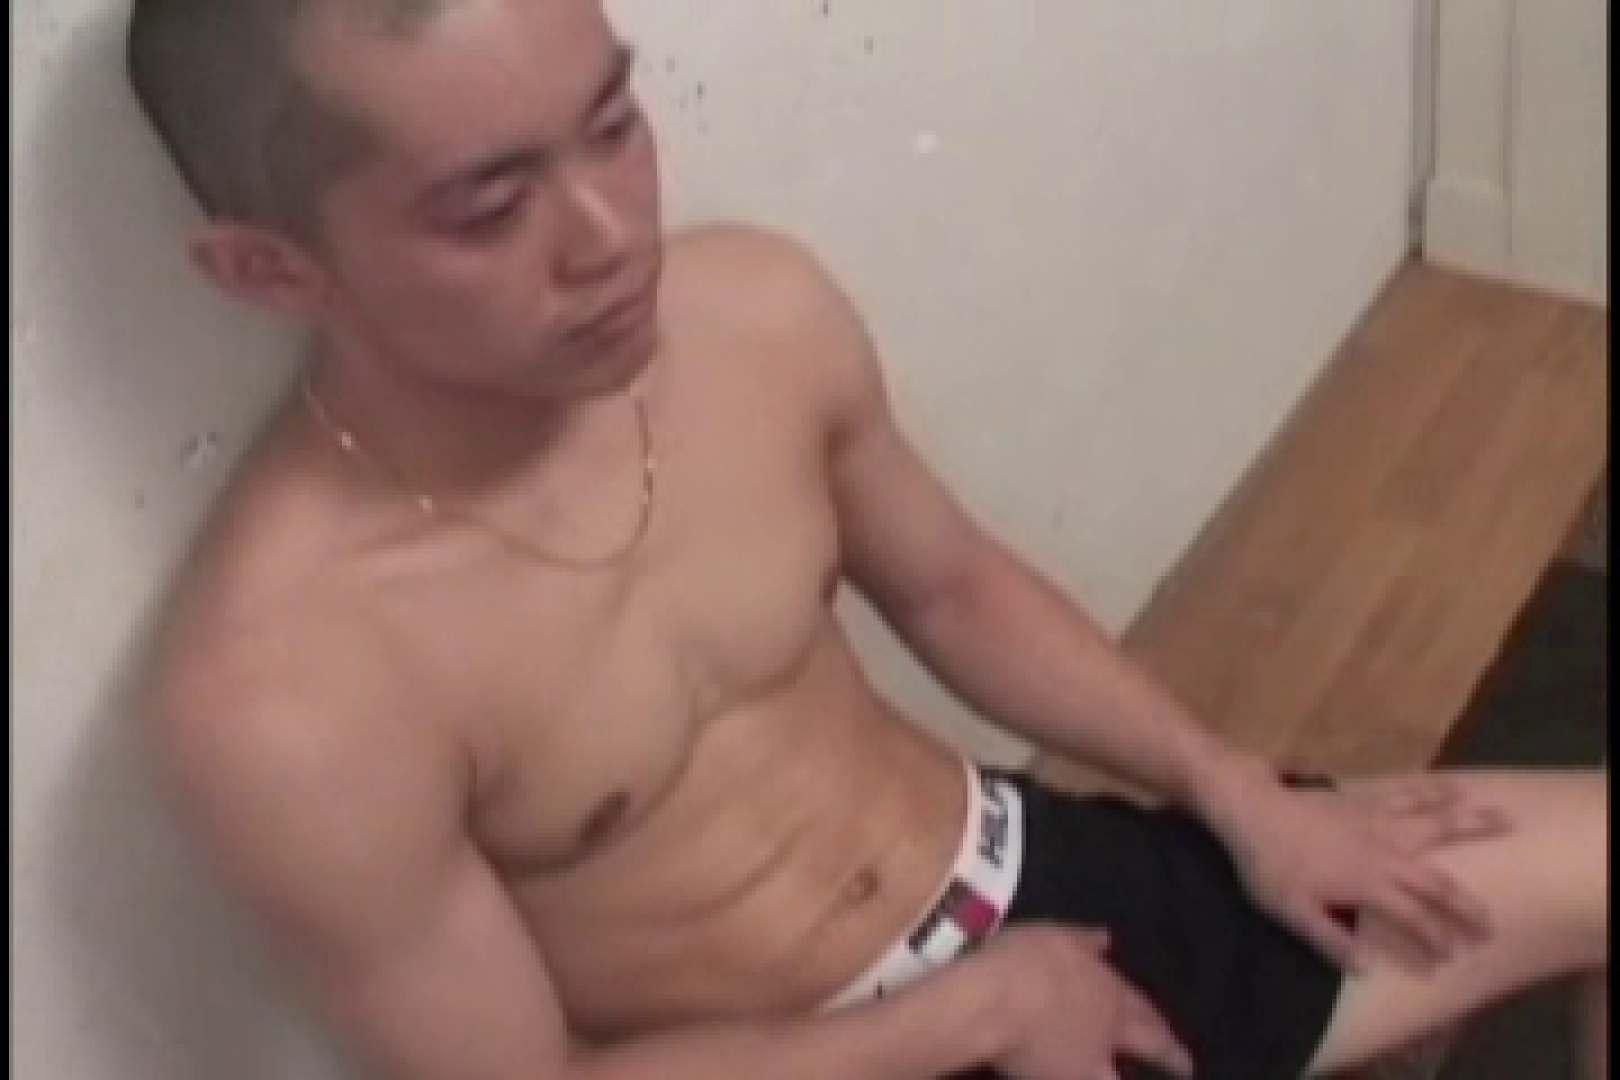 スリ筋!!スポメンのDANKON最高!!take.02 ローション   射精シーン  9枚 1